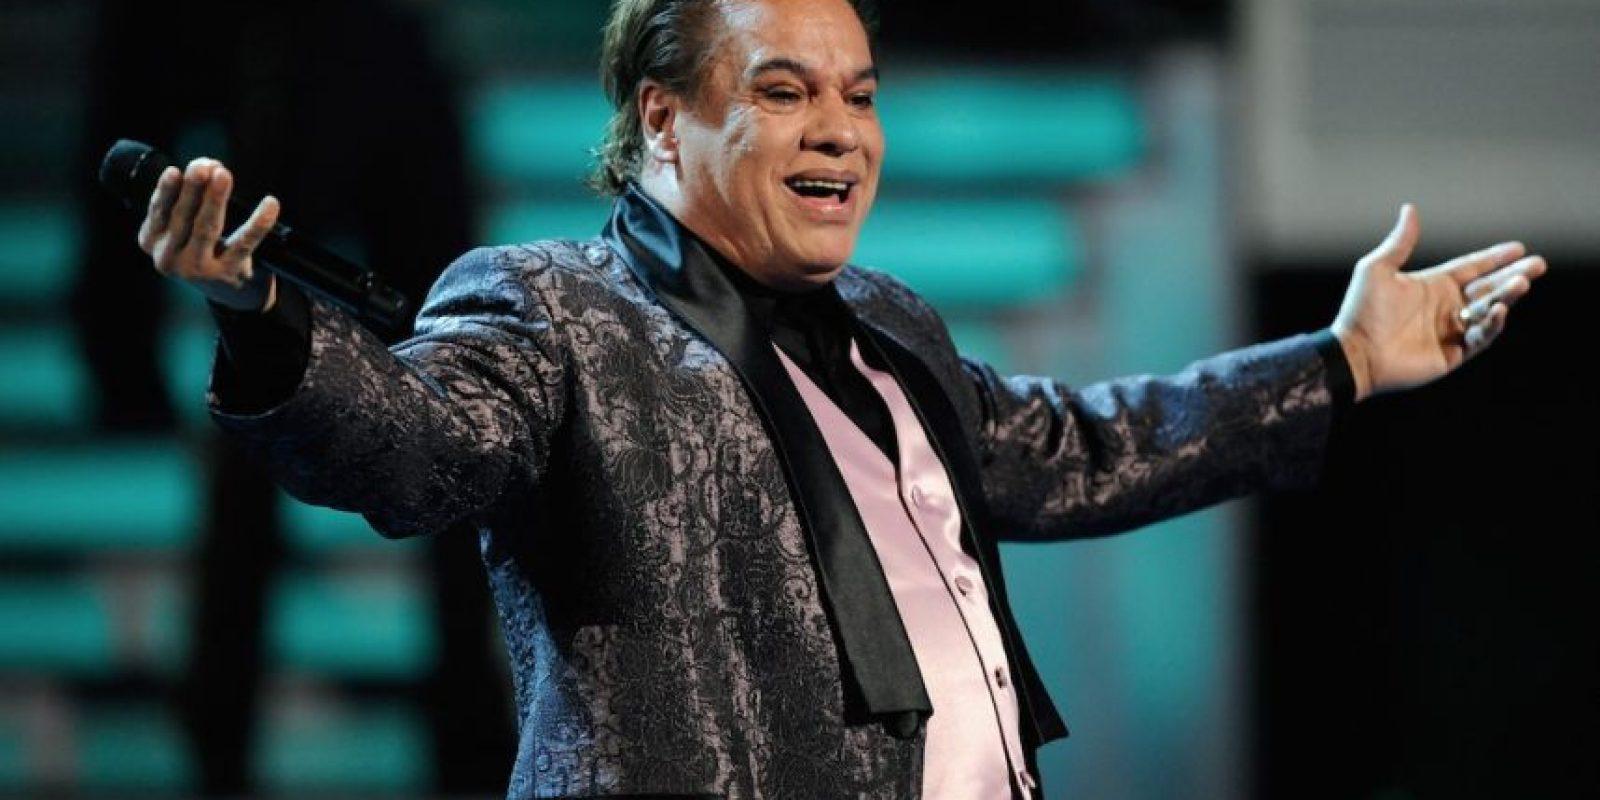 En 2012, luego de atrasarse con un adeudo de casi 18 mil dólares de impuestos, una propiedad del cantante fue embargada en el Estado de Coahuila, México. Foto:Getty Images